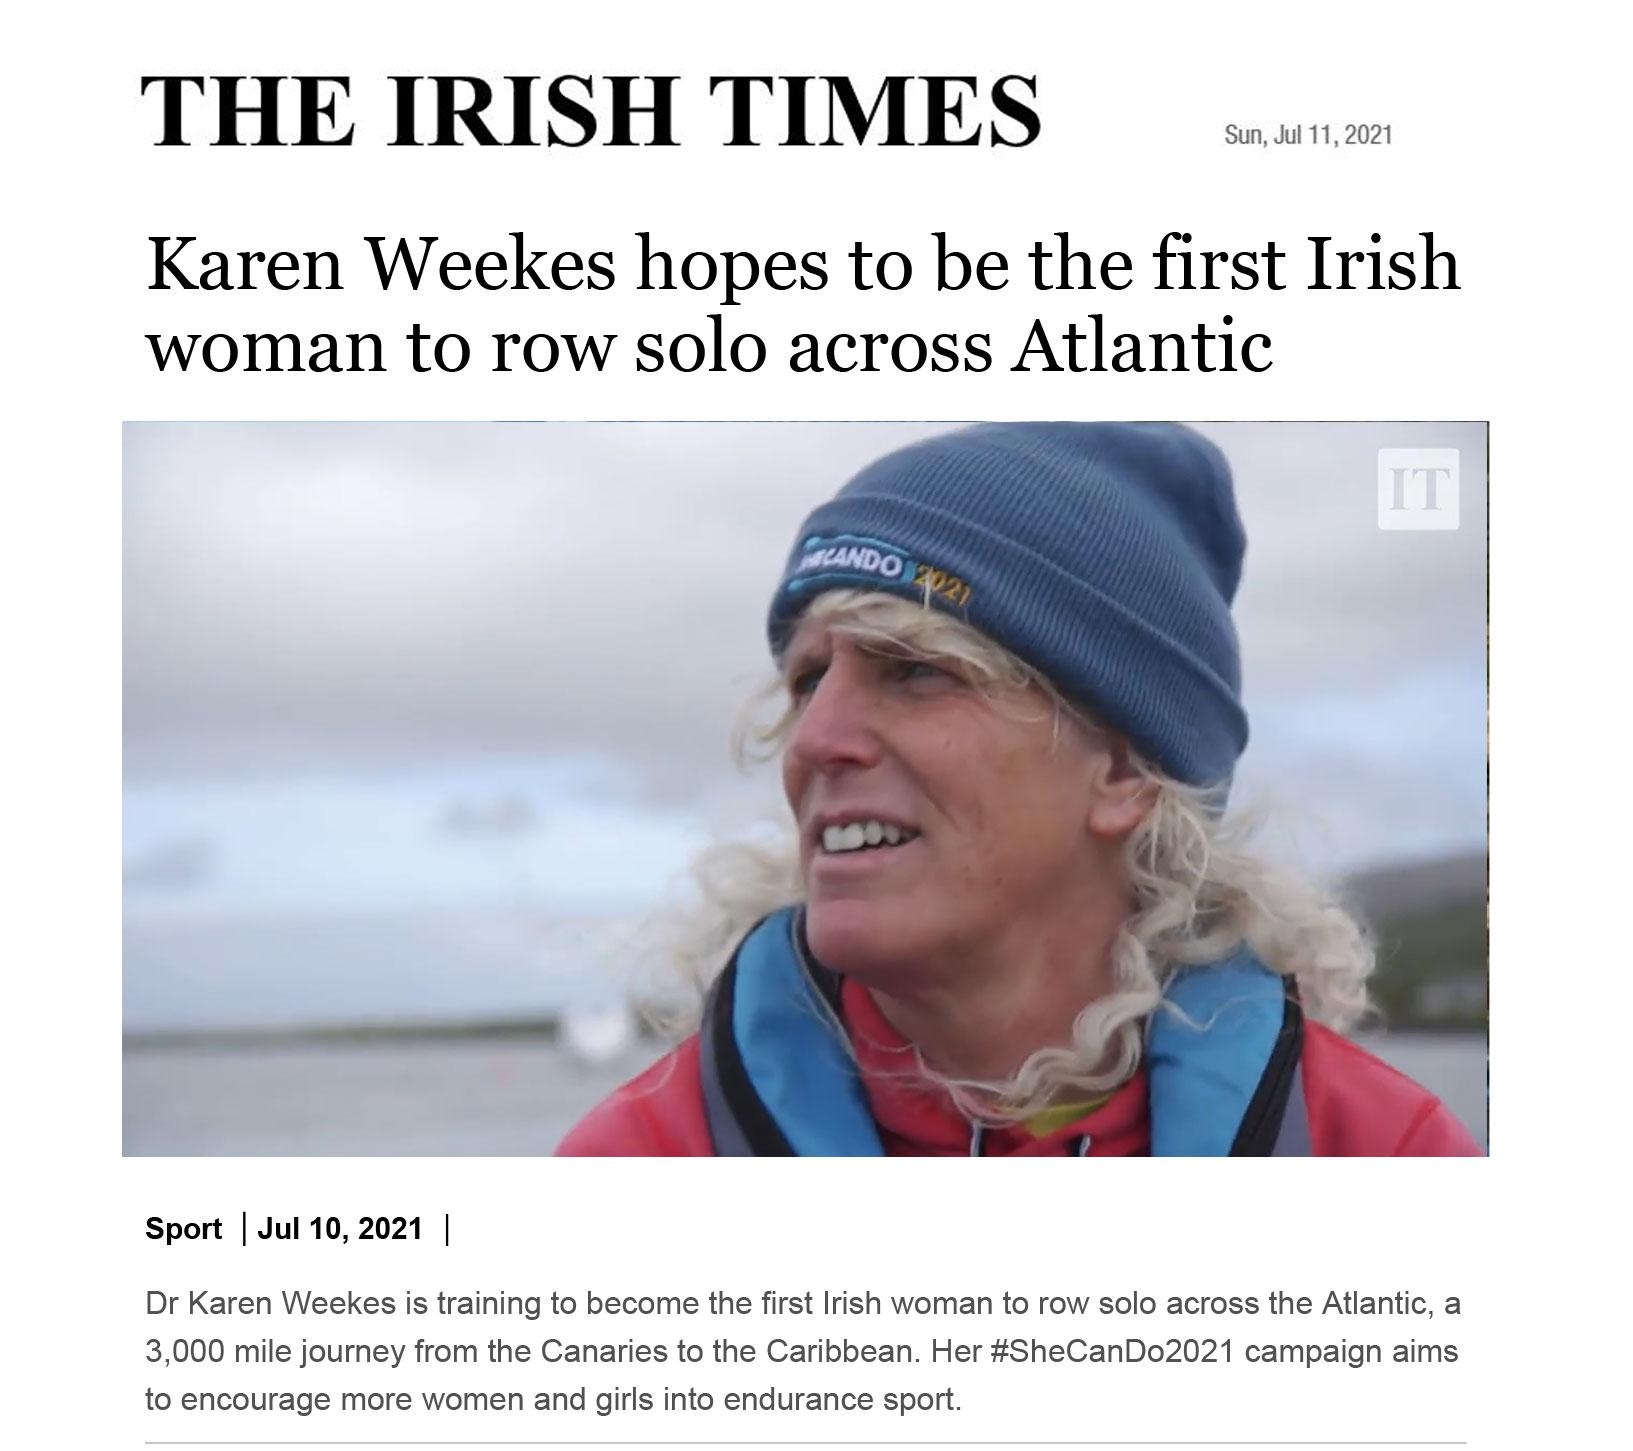 IrishTimesKarenweekes11thJuly2021